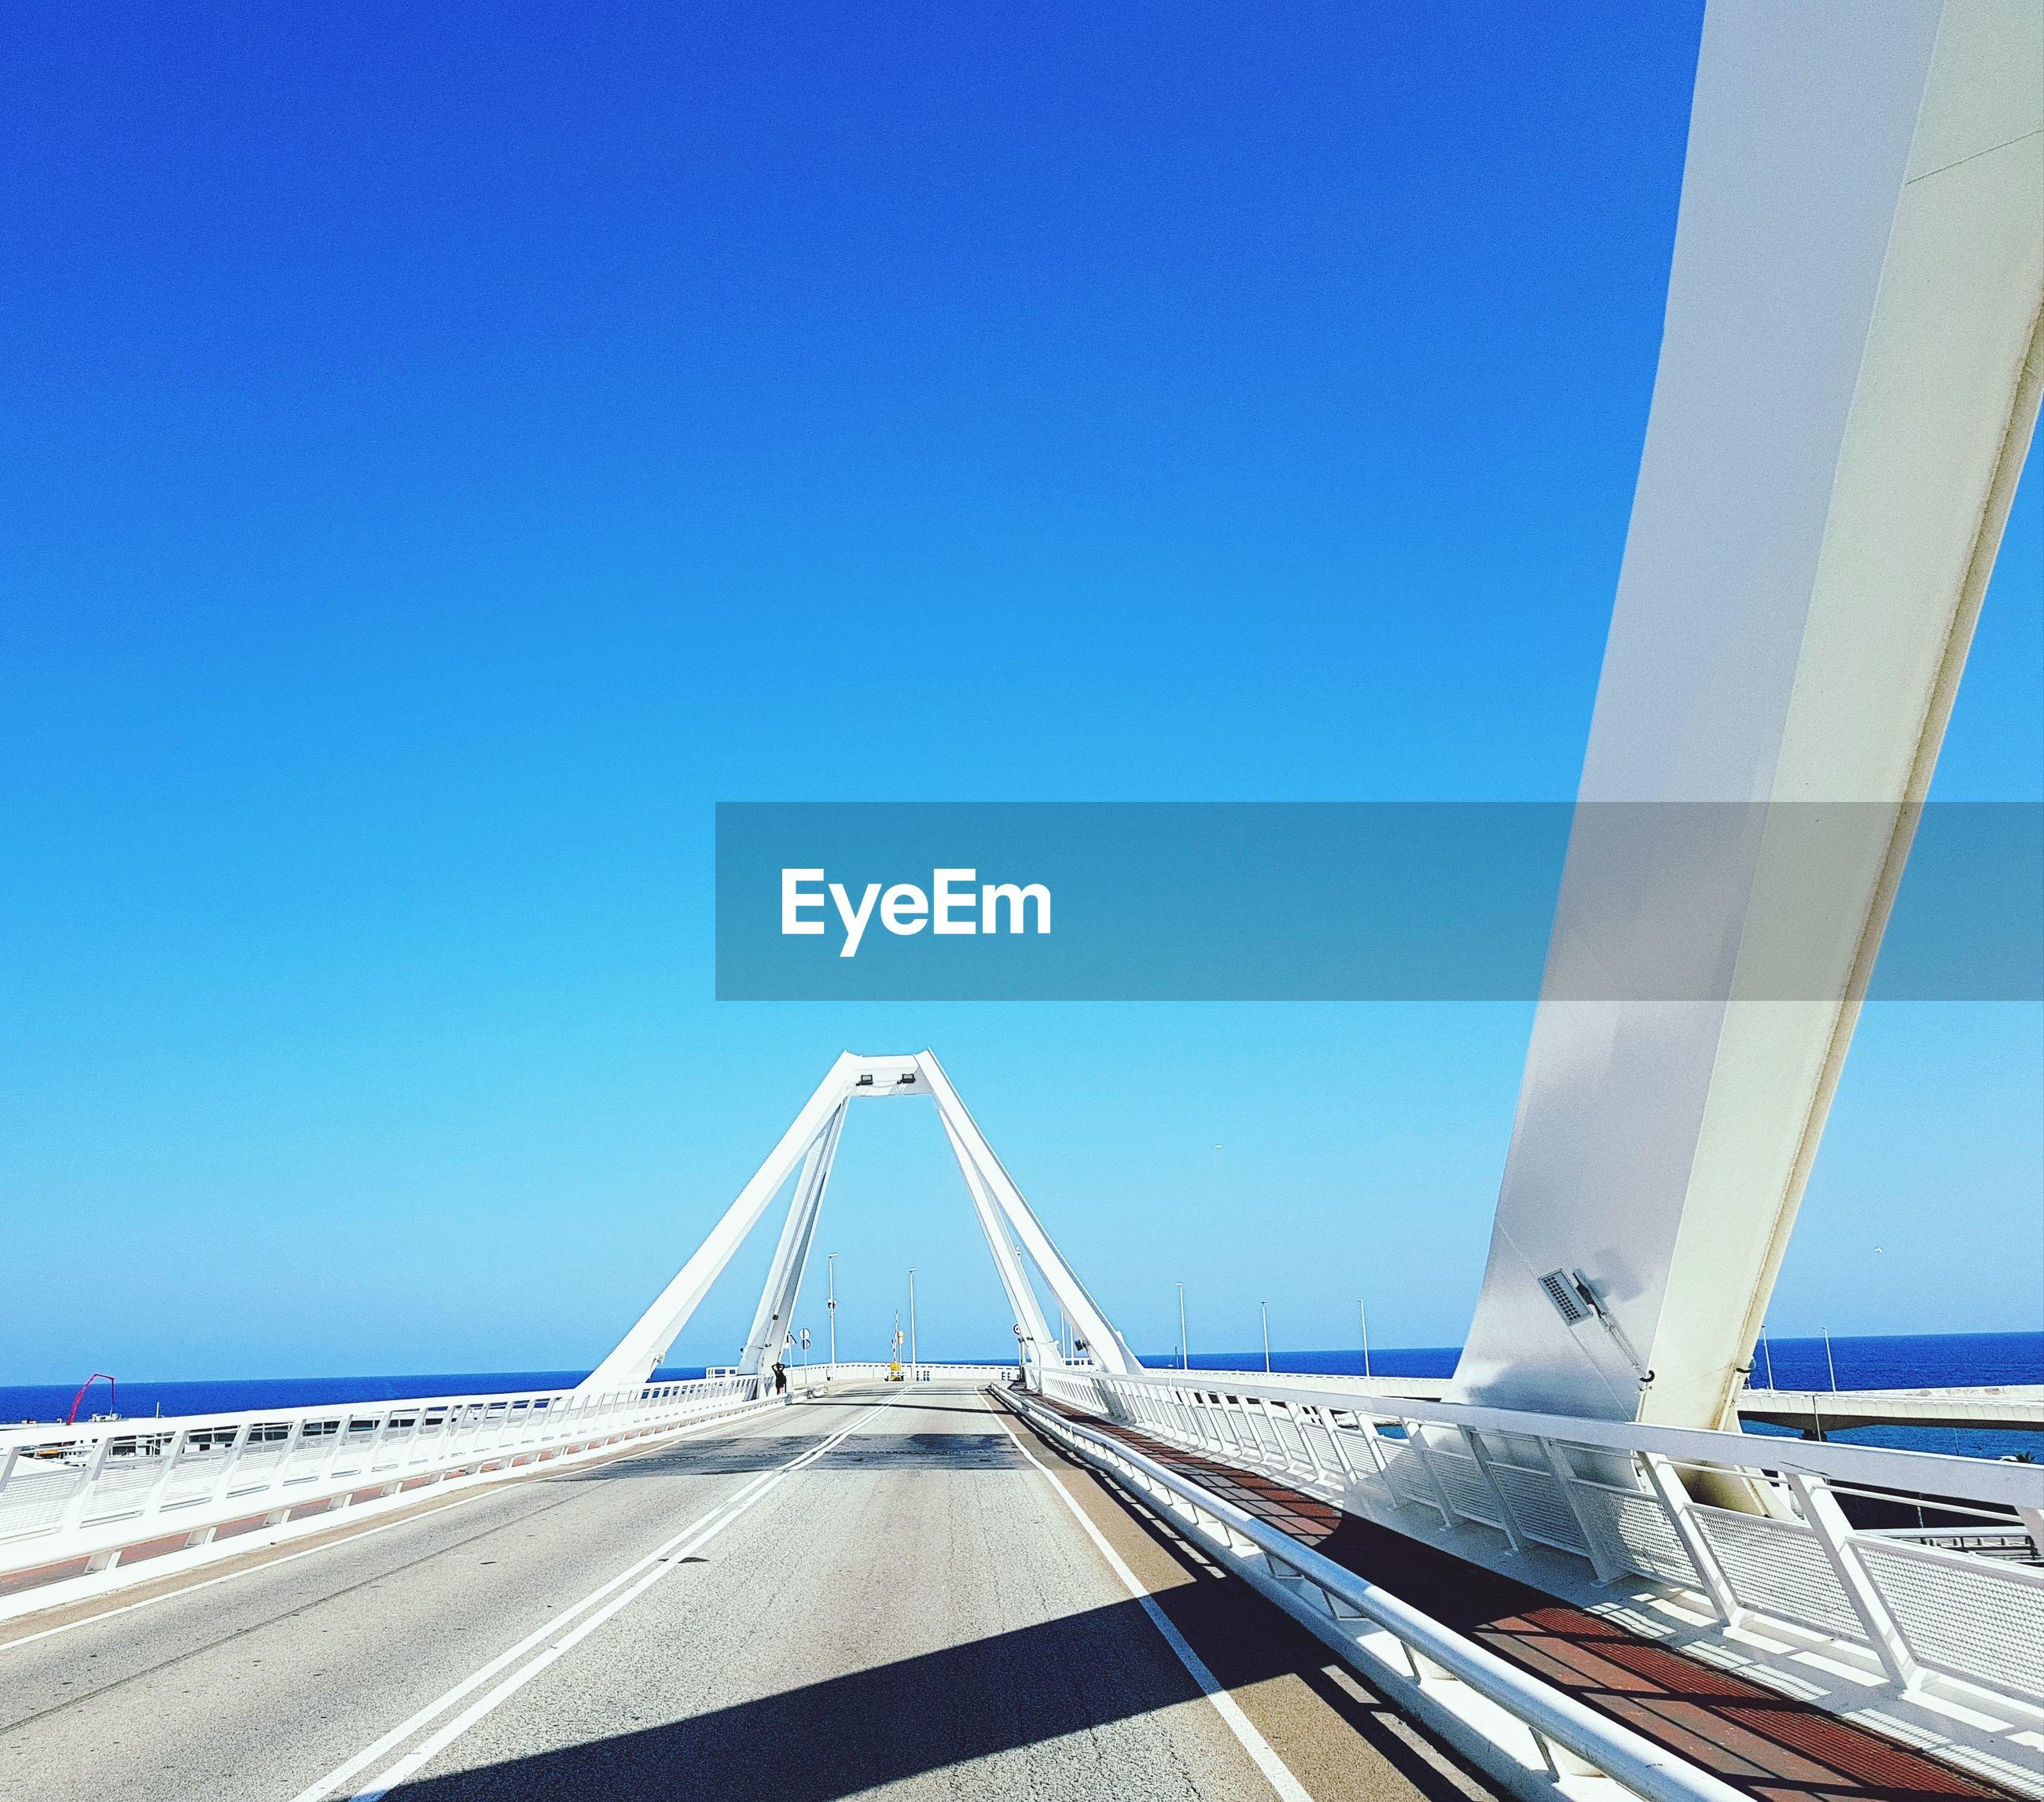 VIEW OF BRIDGE OVER CALM BLUE SEA